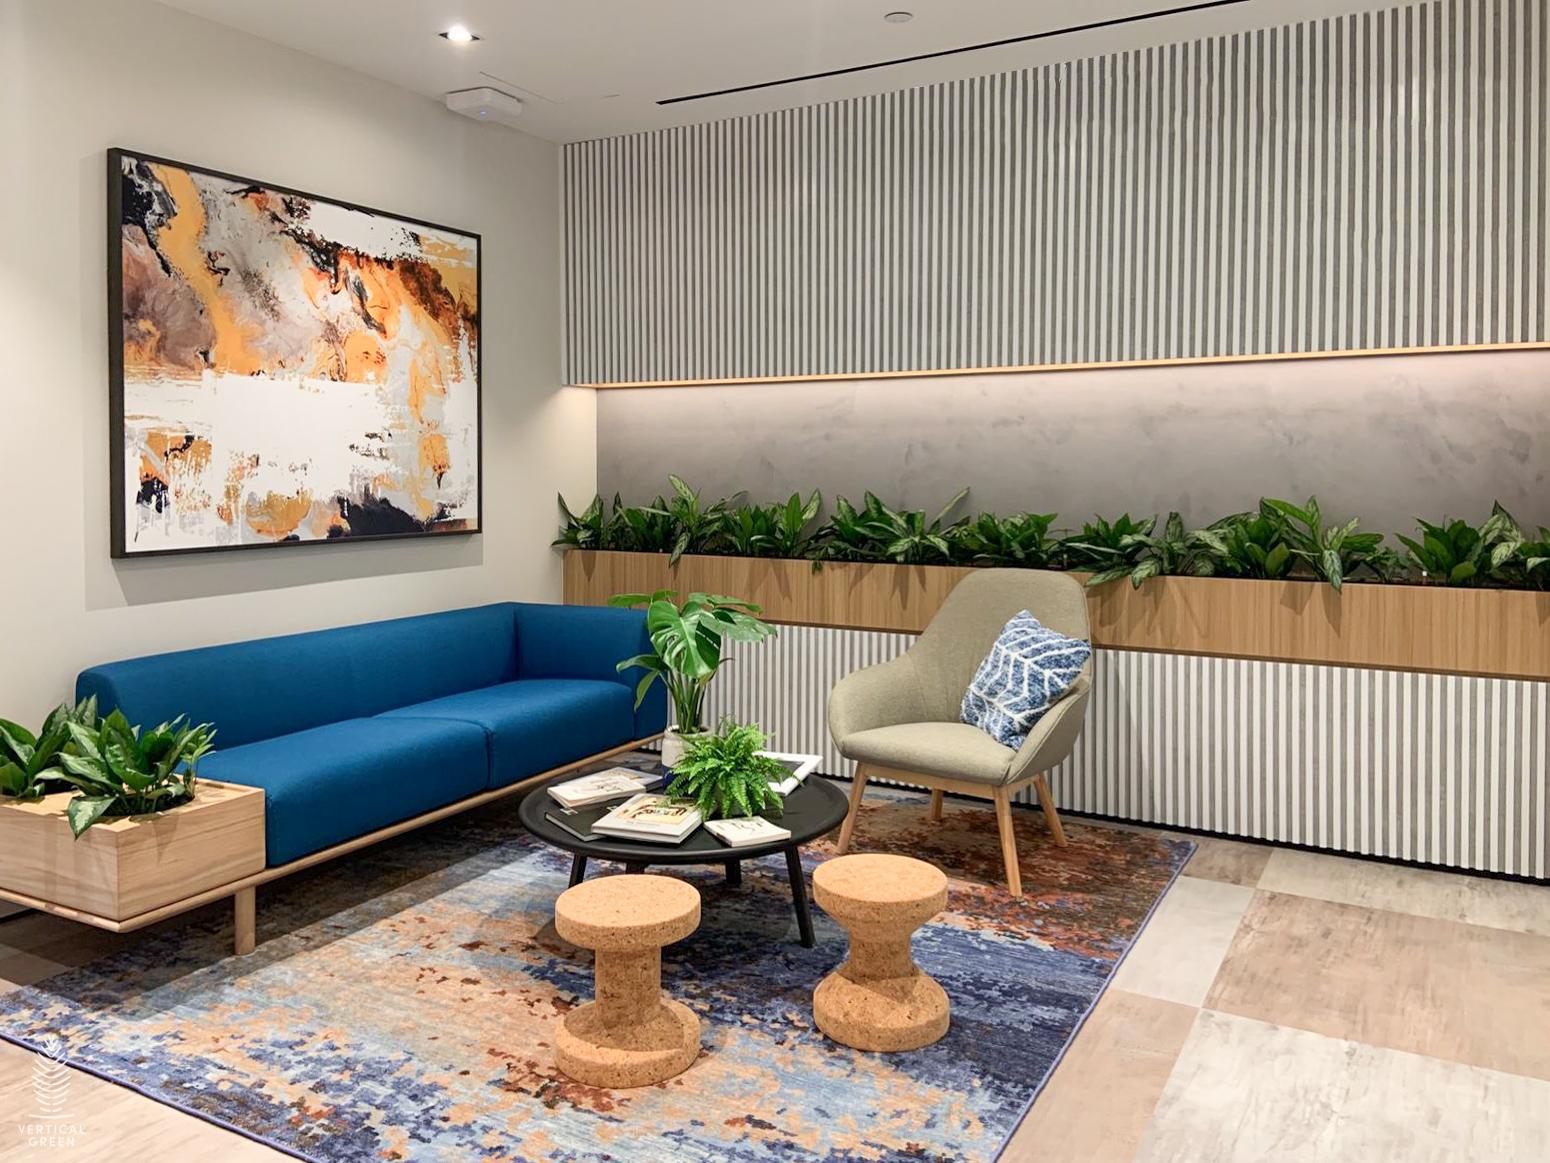 Potted plants Roche office Singapore-@-PLQ